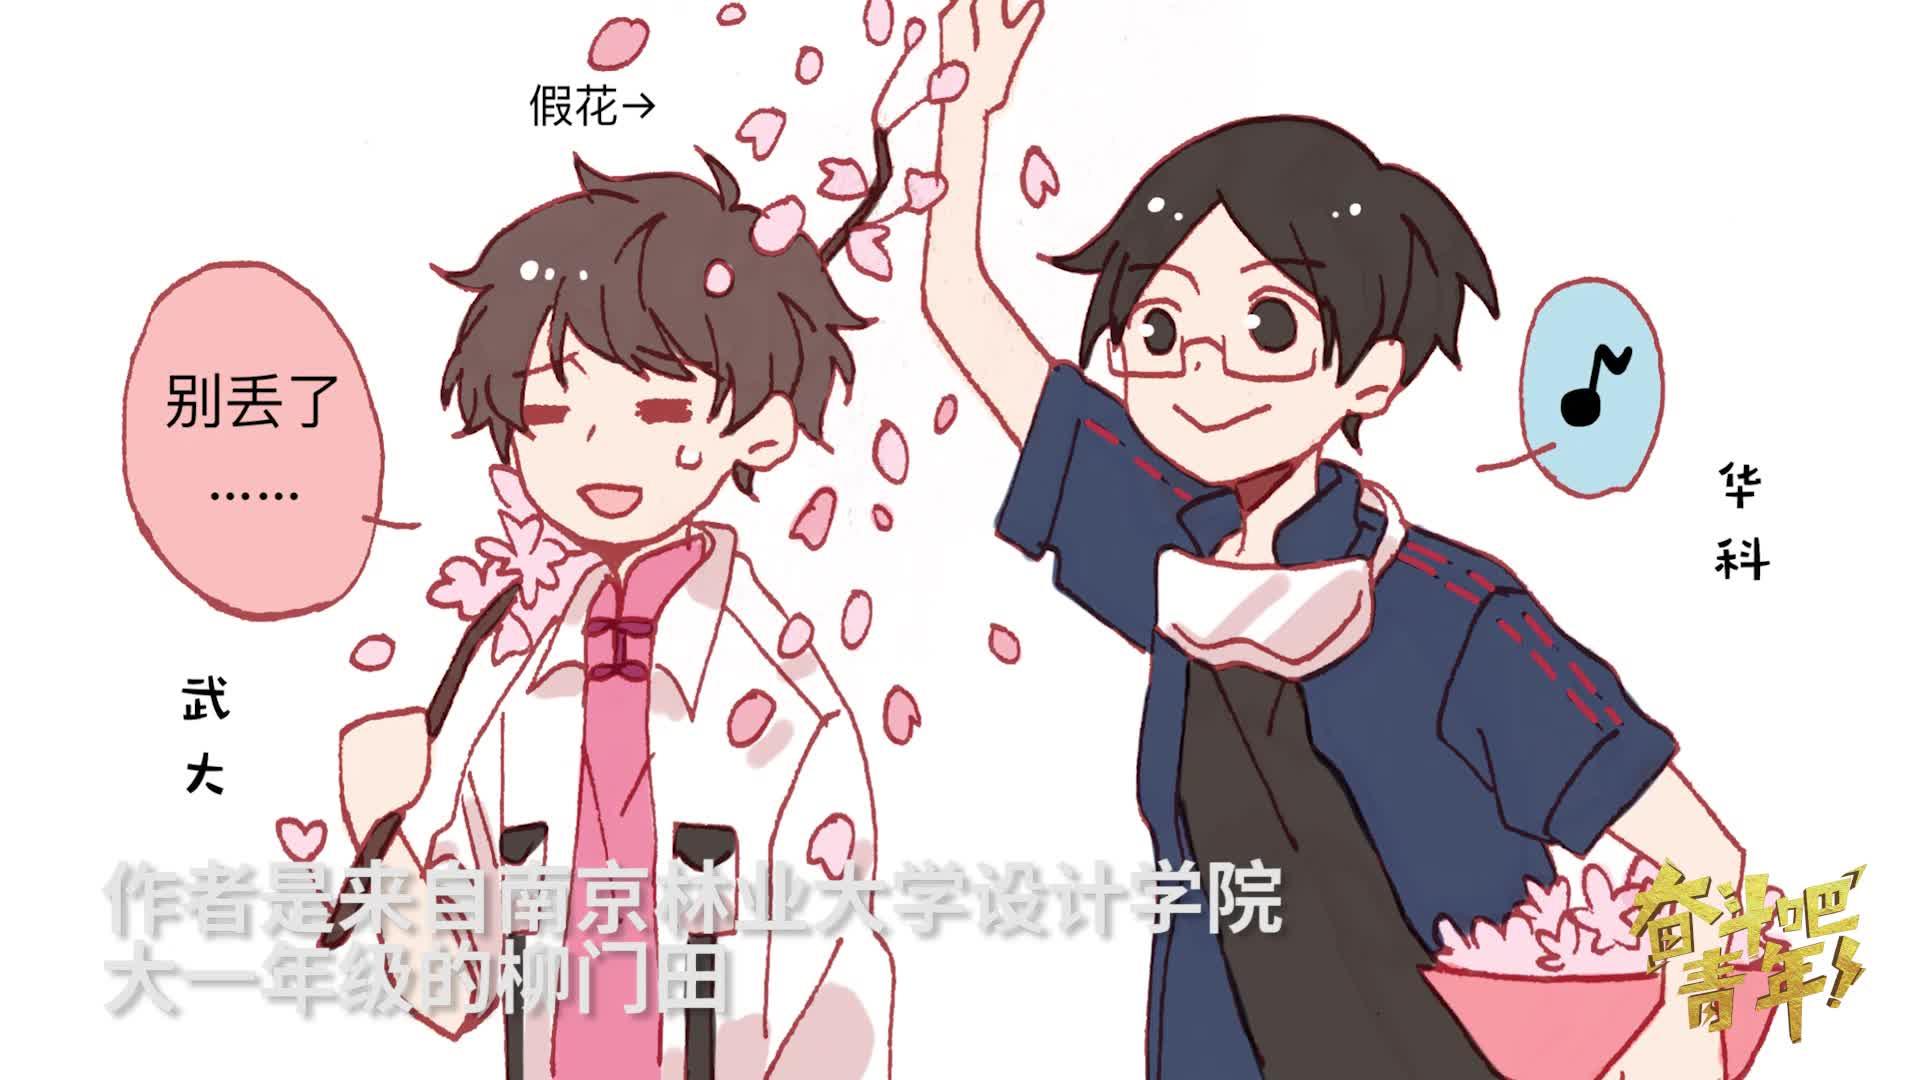 萌!南京创作漫画学生设计高校医生漫画!拟人看专业之图片